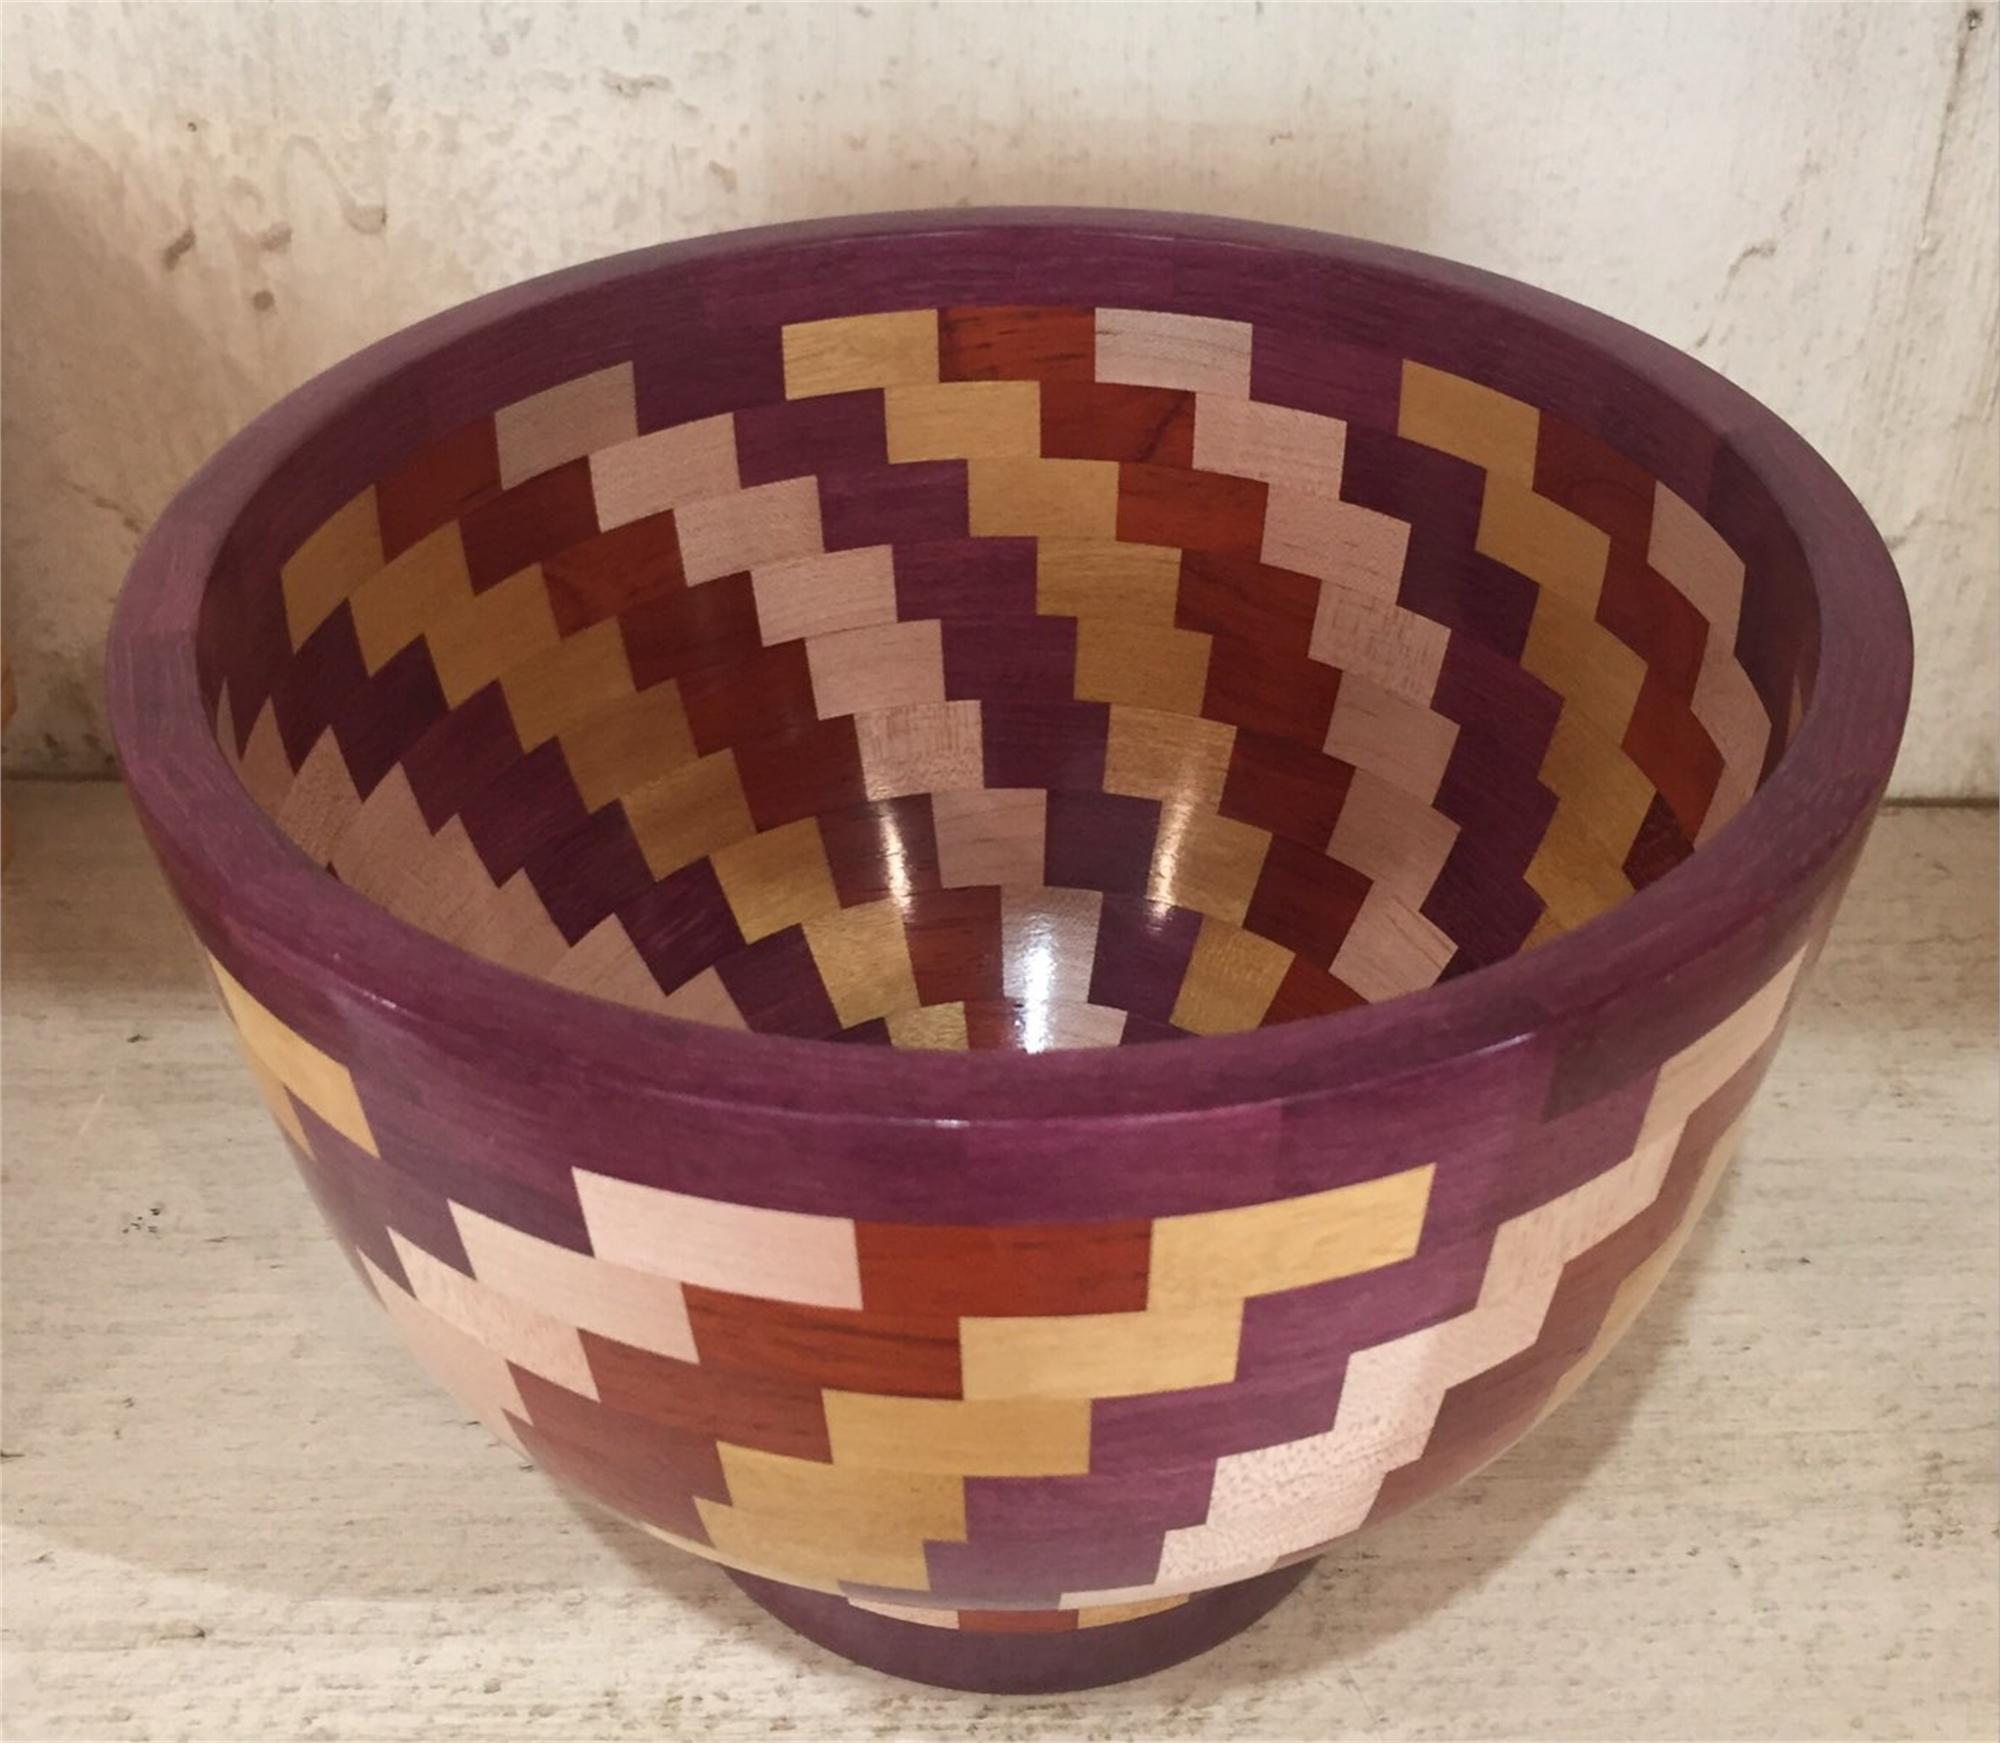 Segmented wood Bowl 5 by Lynn Chastain